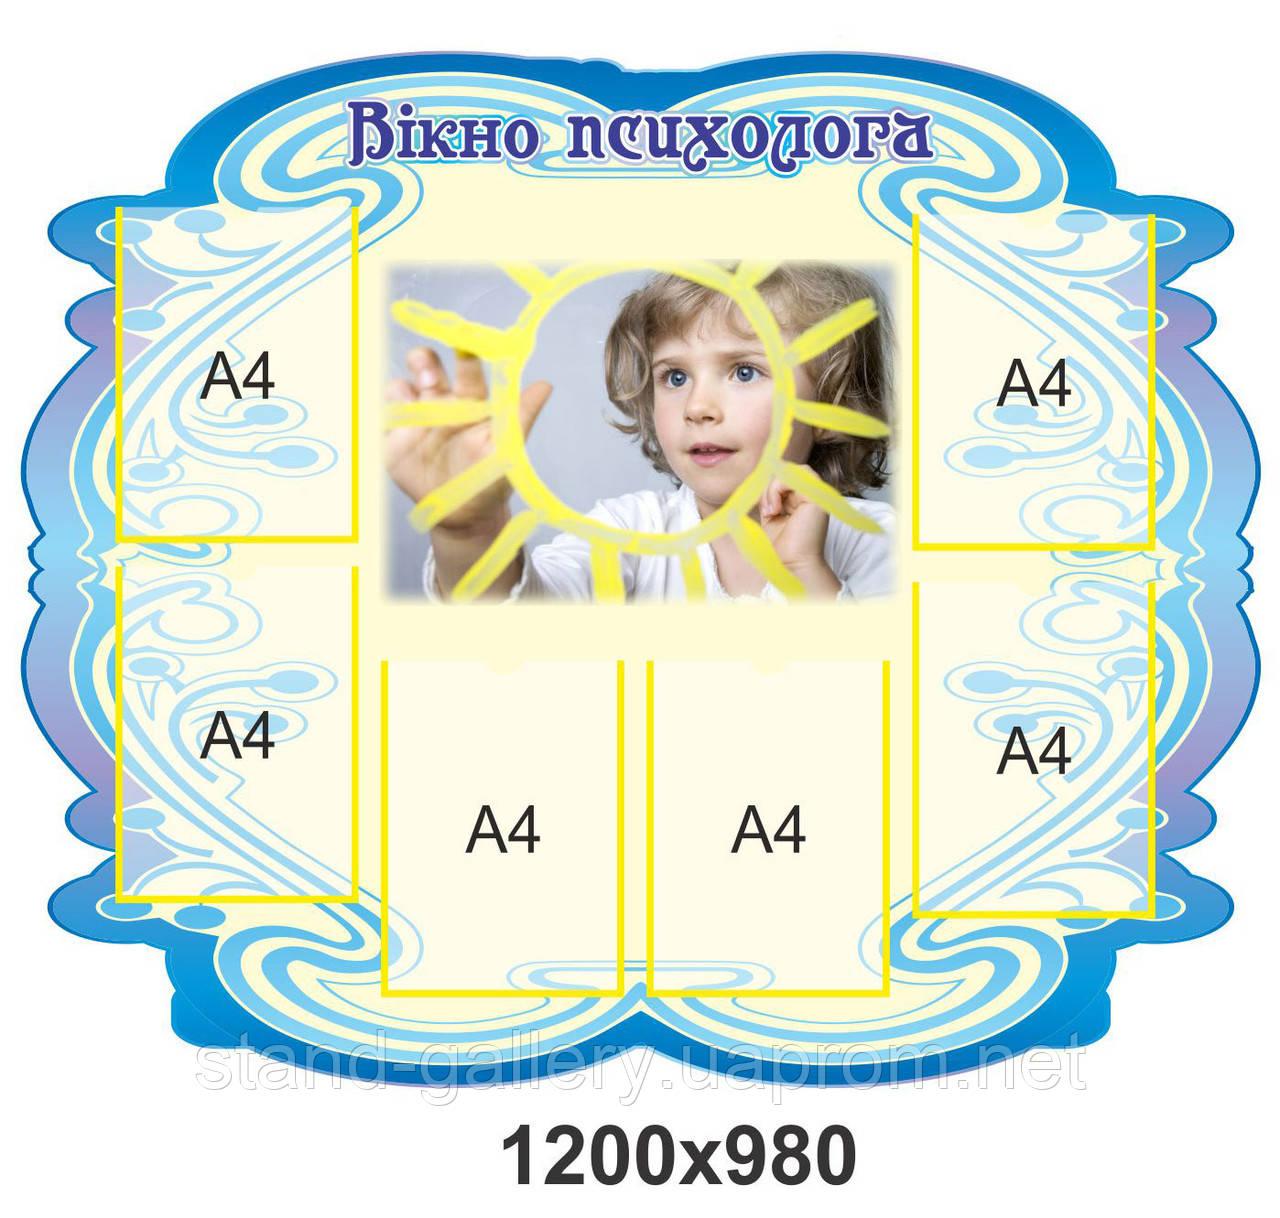 """Стенд для детского сада """"Вікно психолога"""""""